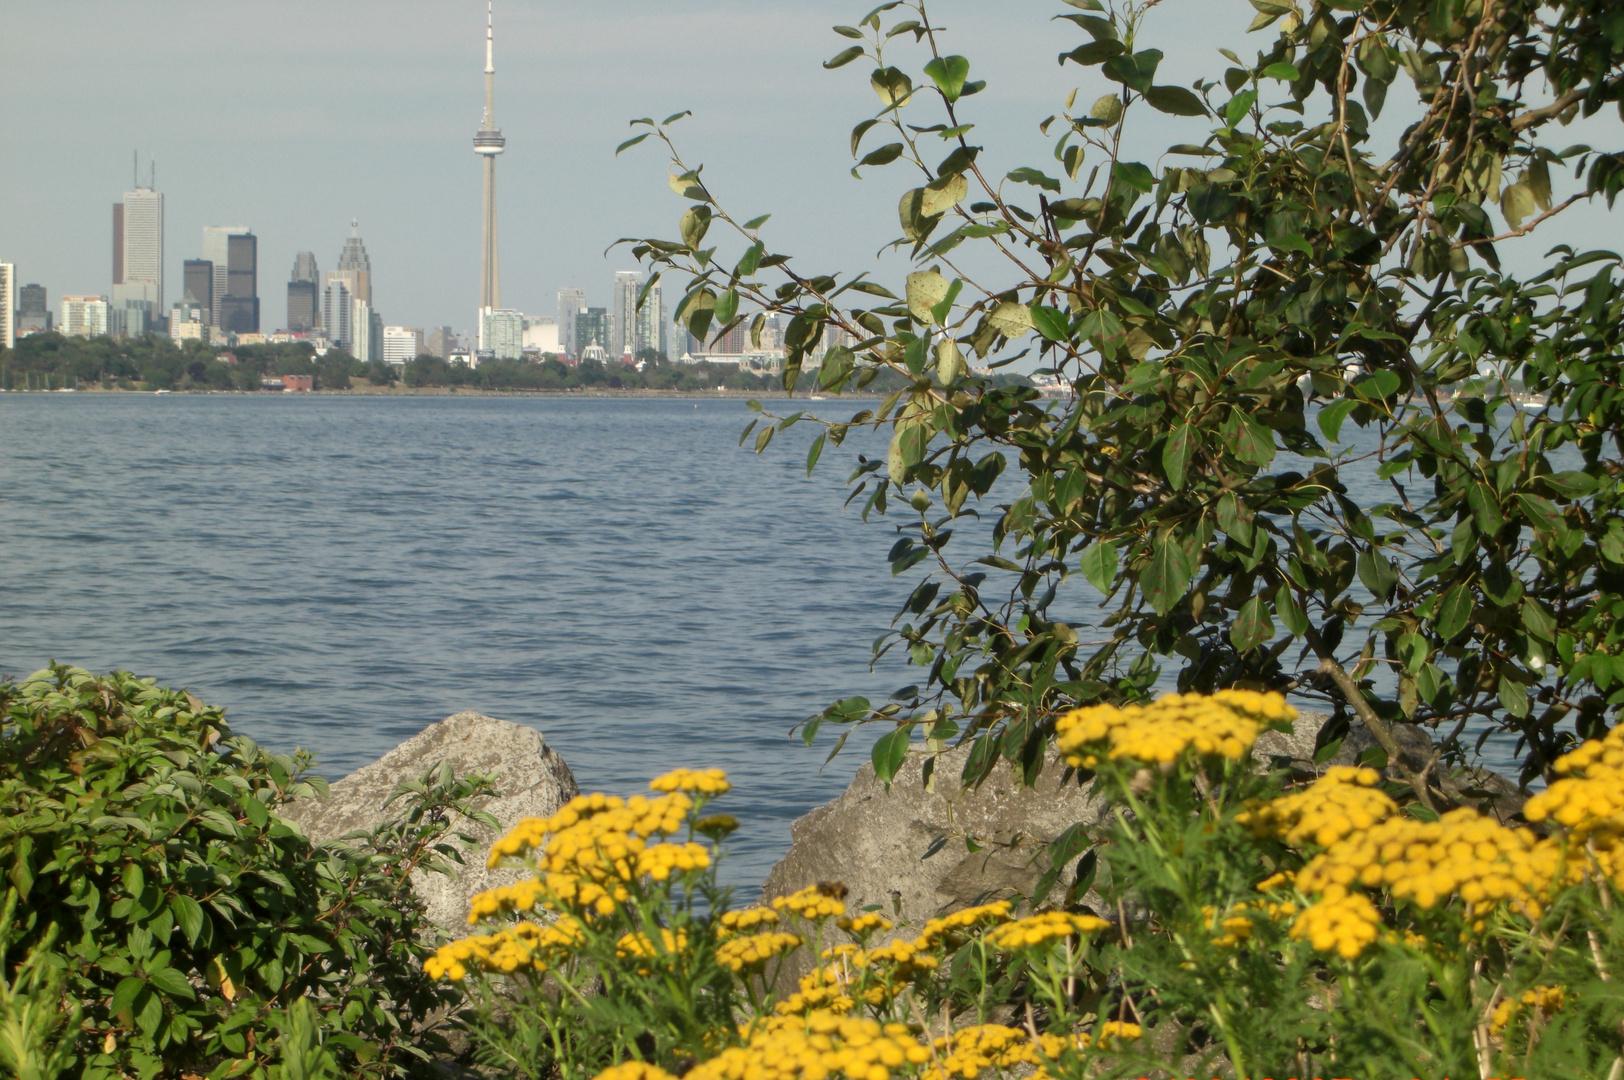 Toronto_Spring view